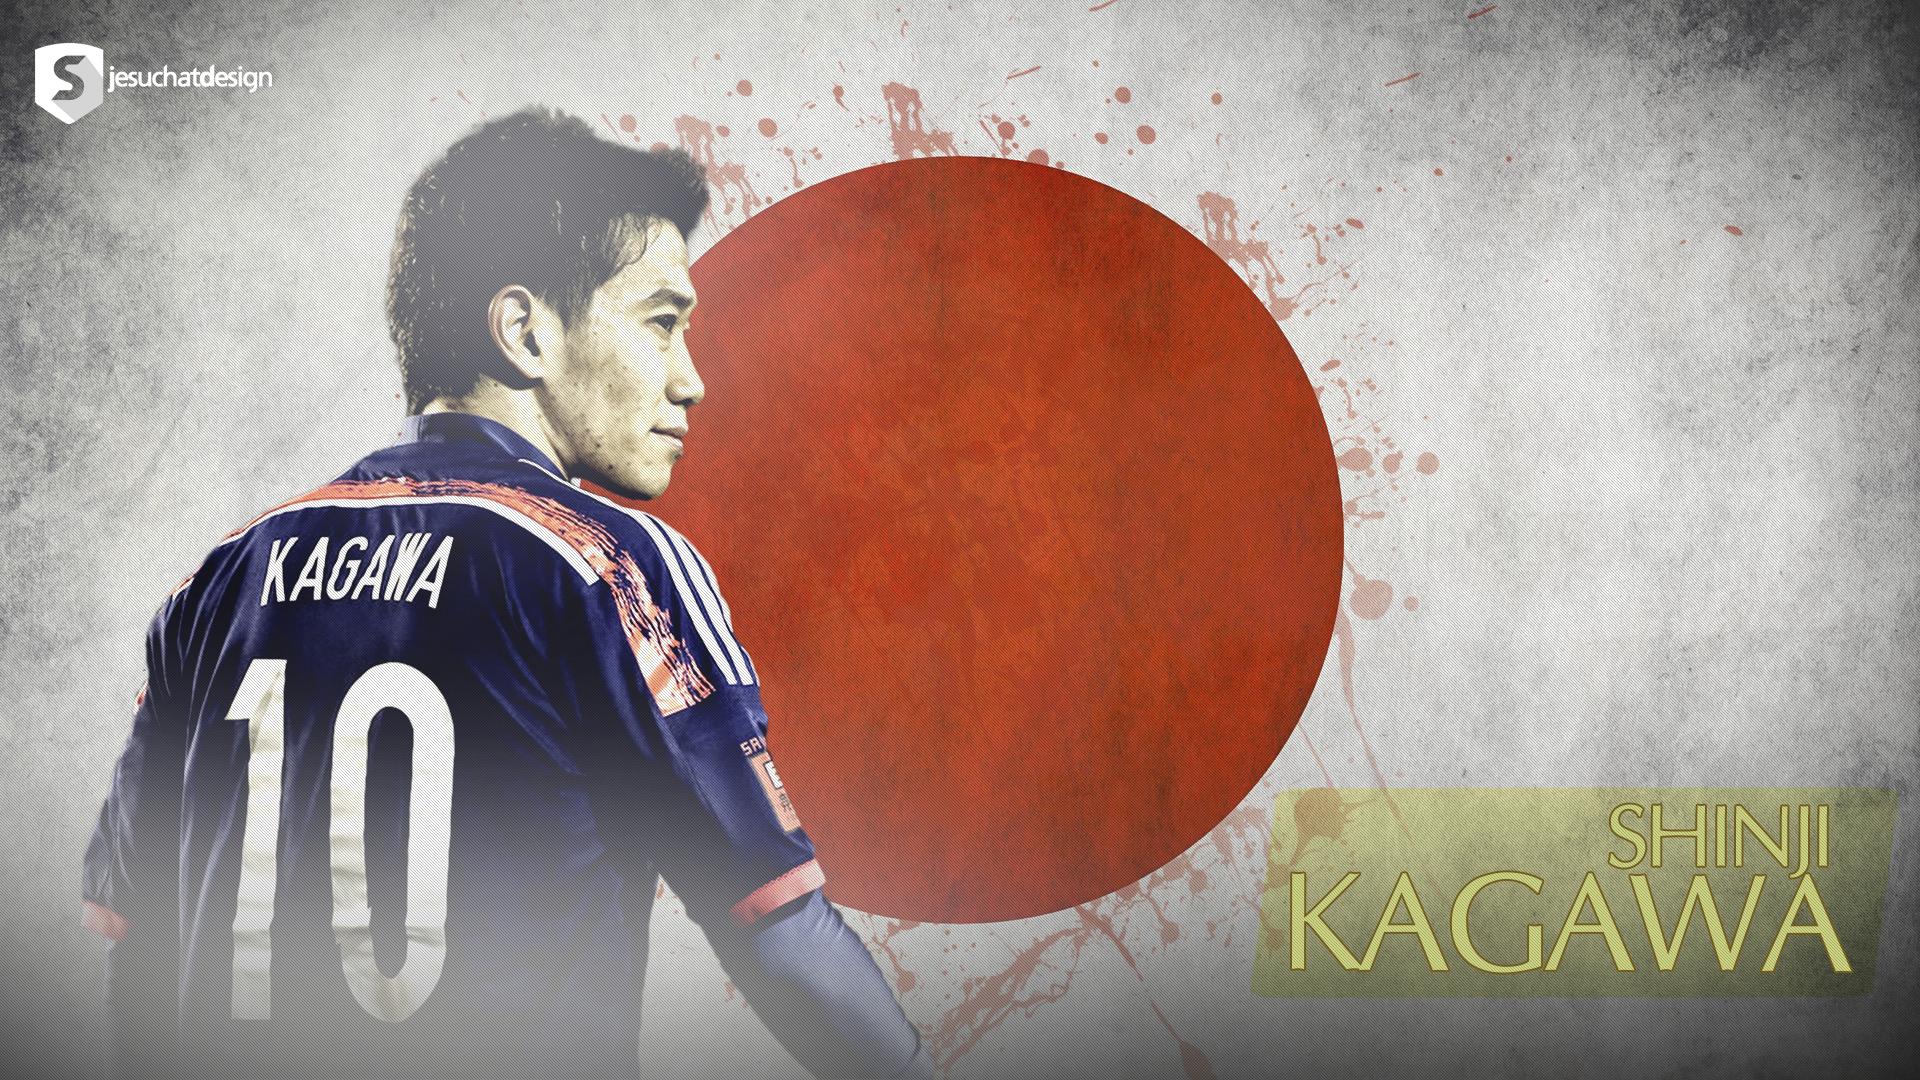 Shinji kagawa japan by jesuchat on deviantart shinji kagawa japan by jesuchat shinji kagawa japan by jesuchat voltagebd Gallery